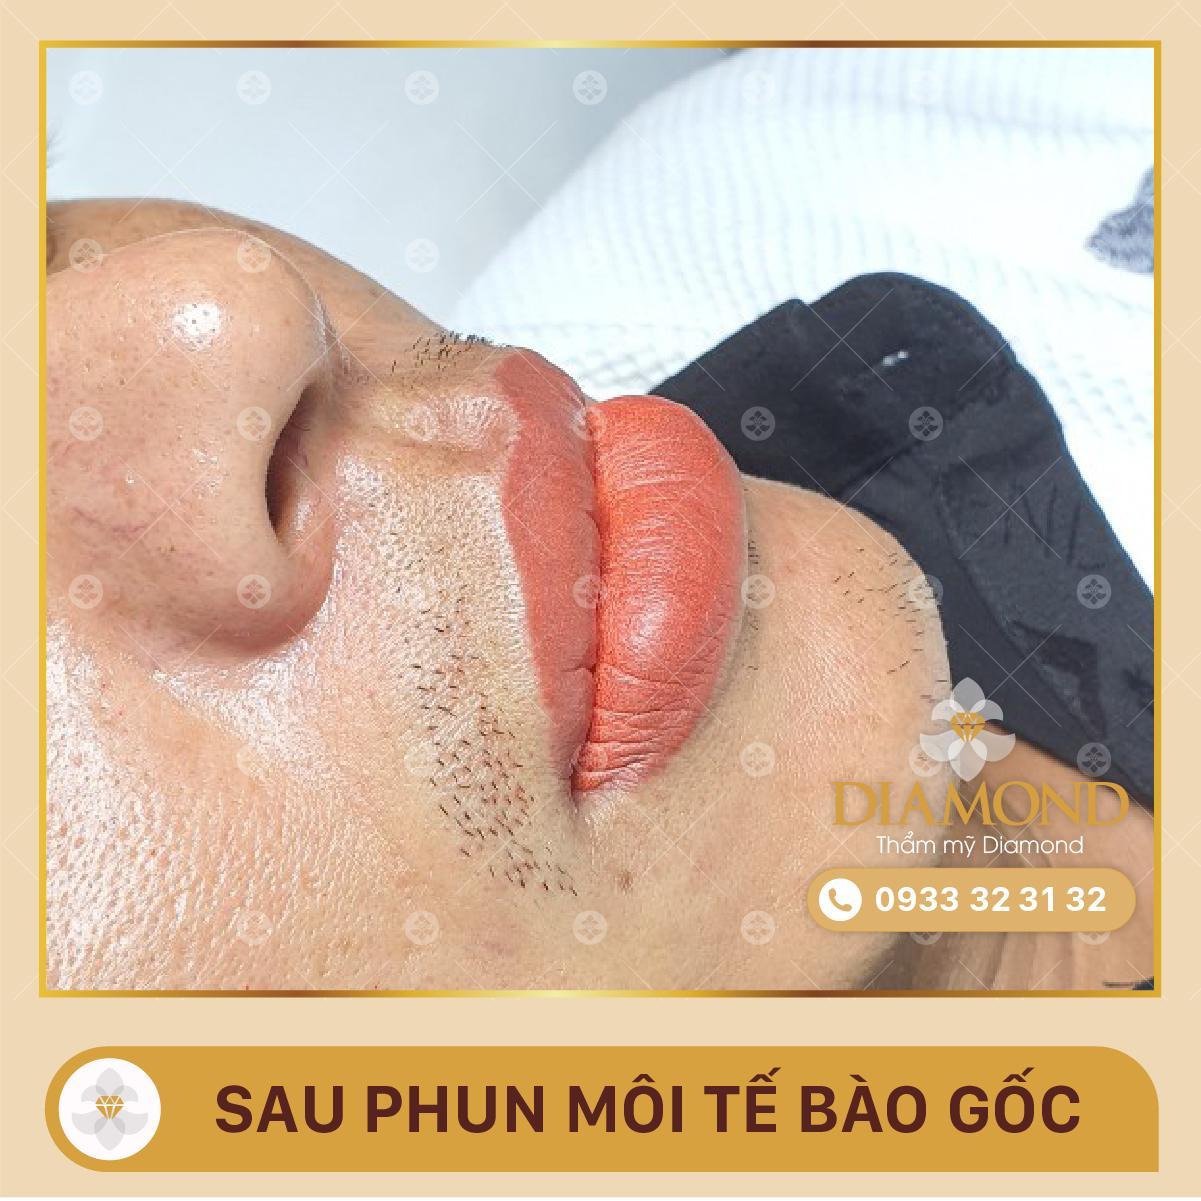 Hiệu quả phun môi